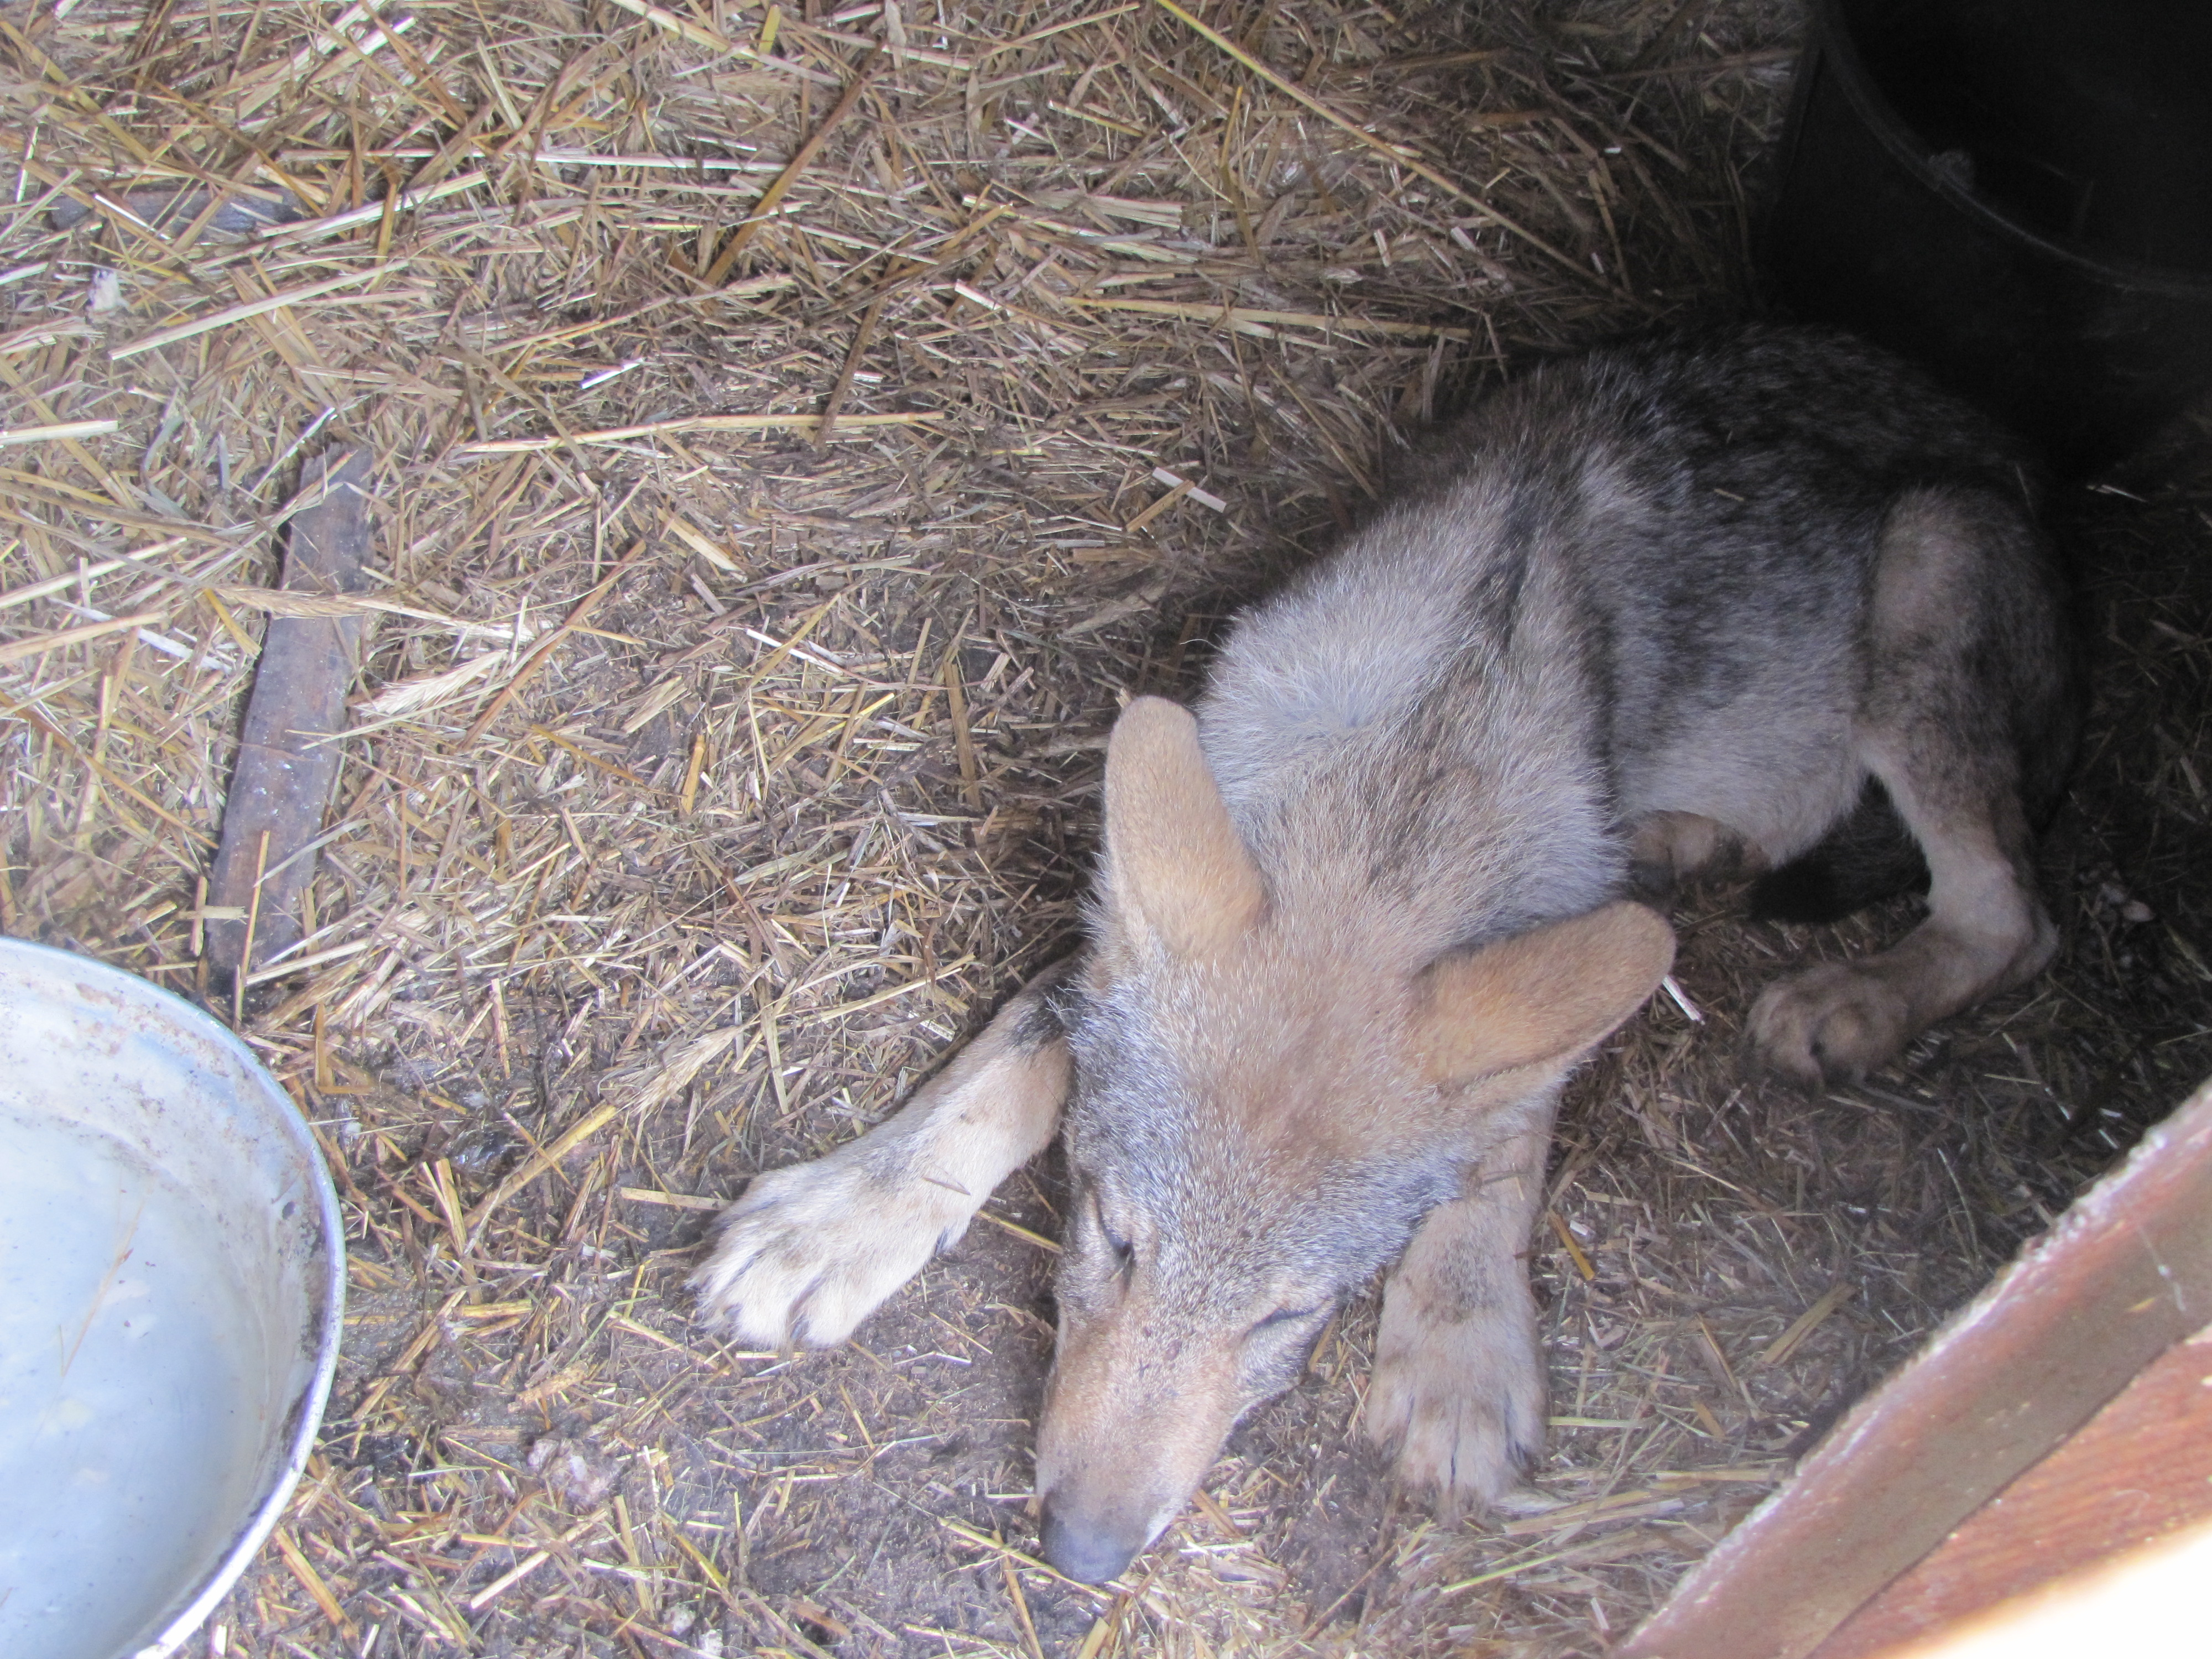 Poważnie Skąd młody wilk wziął się na posesji w Smolanach? - Janowiec Kościelny OL33